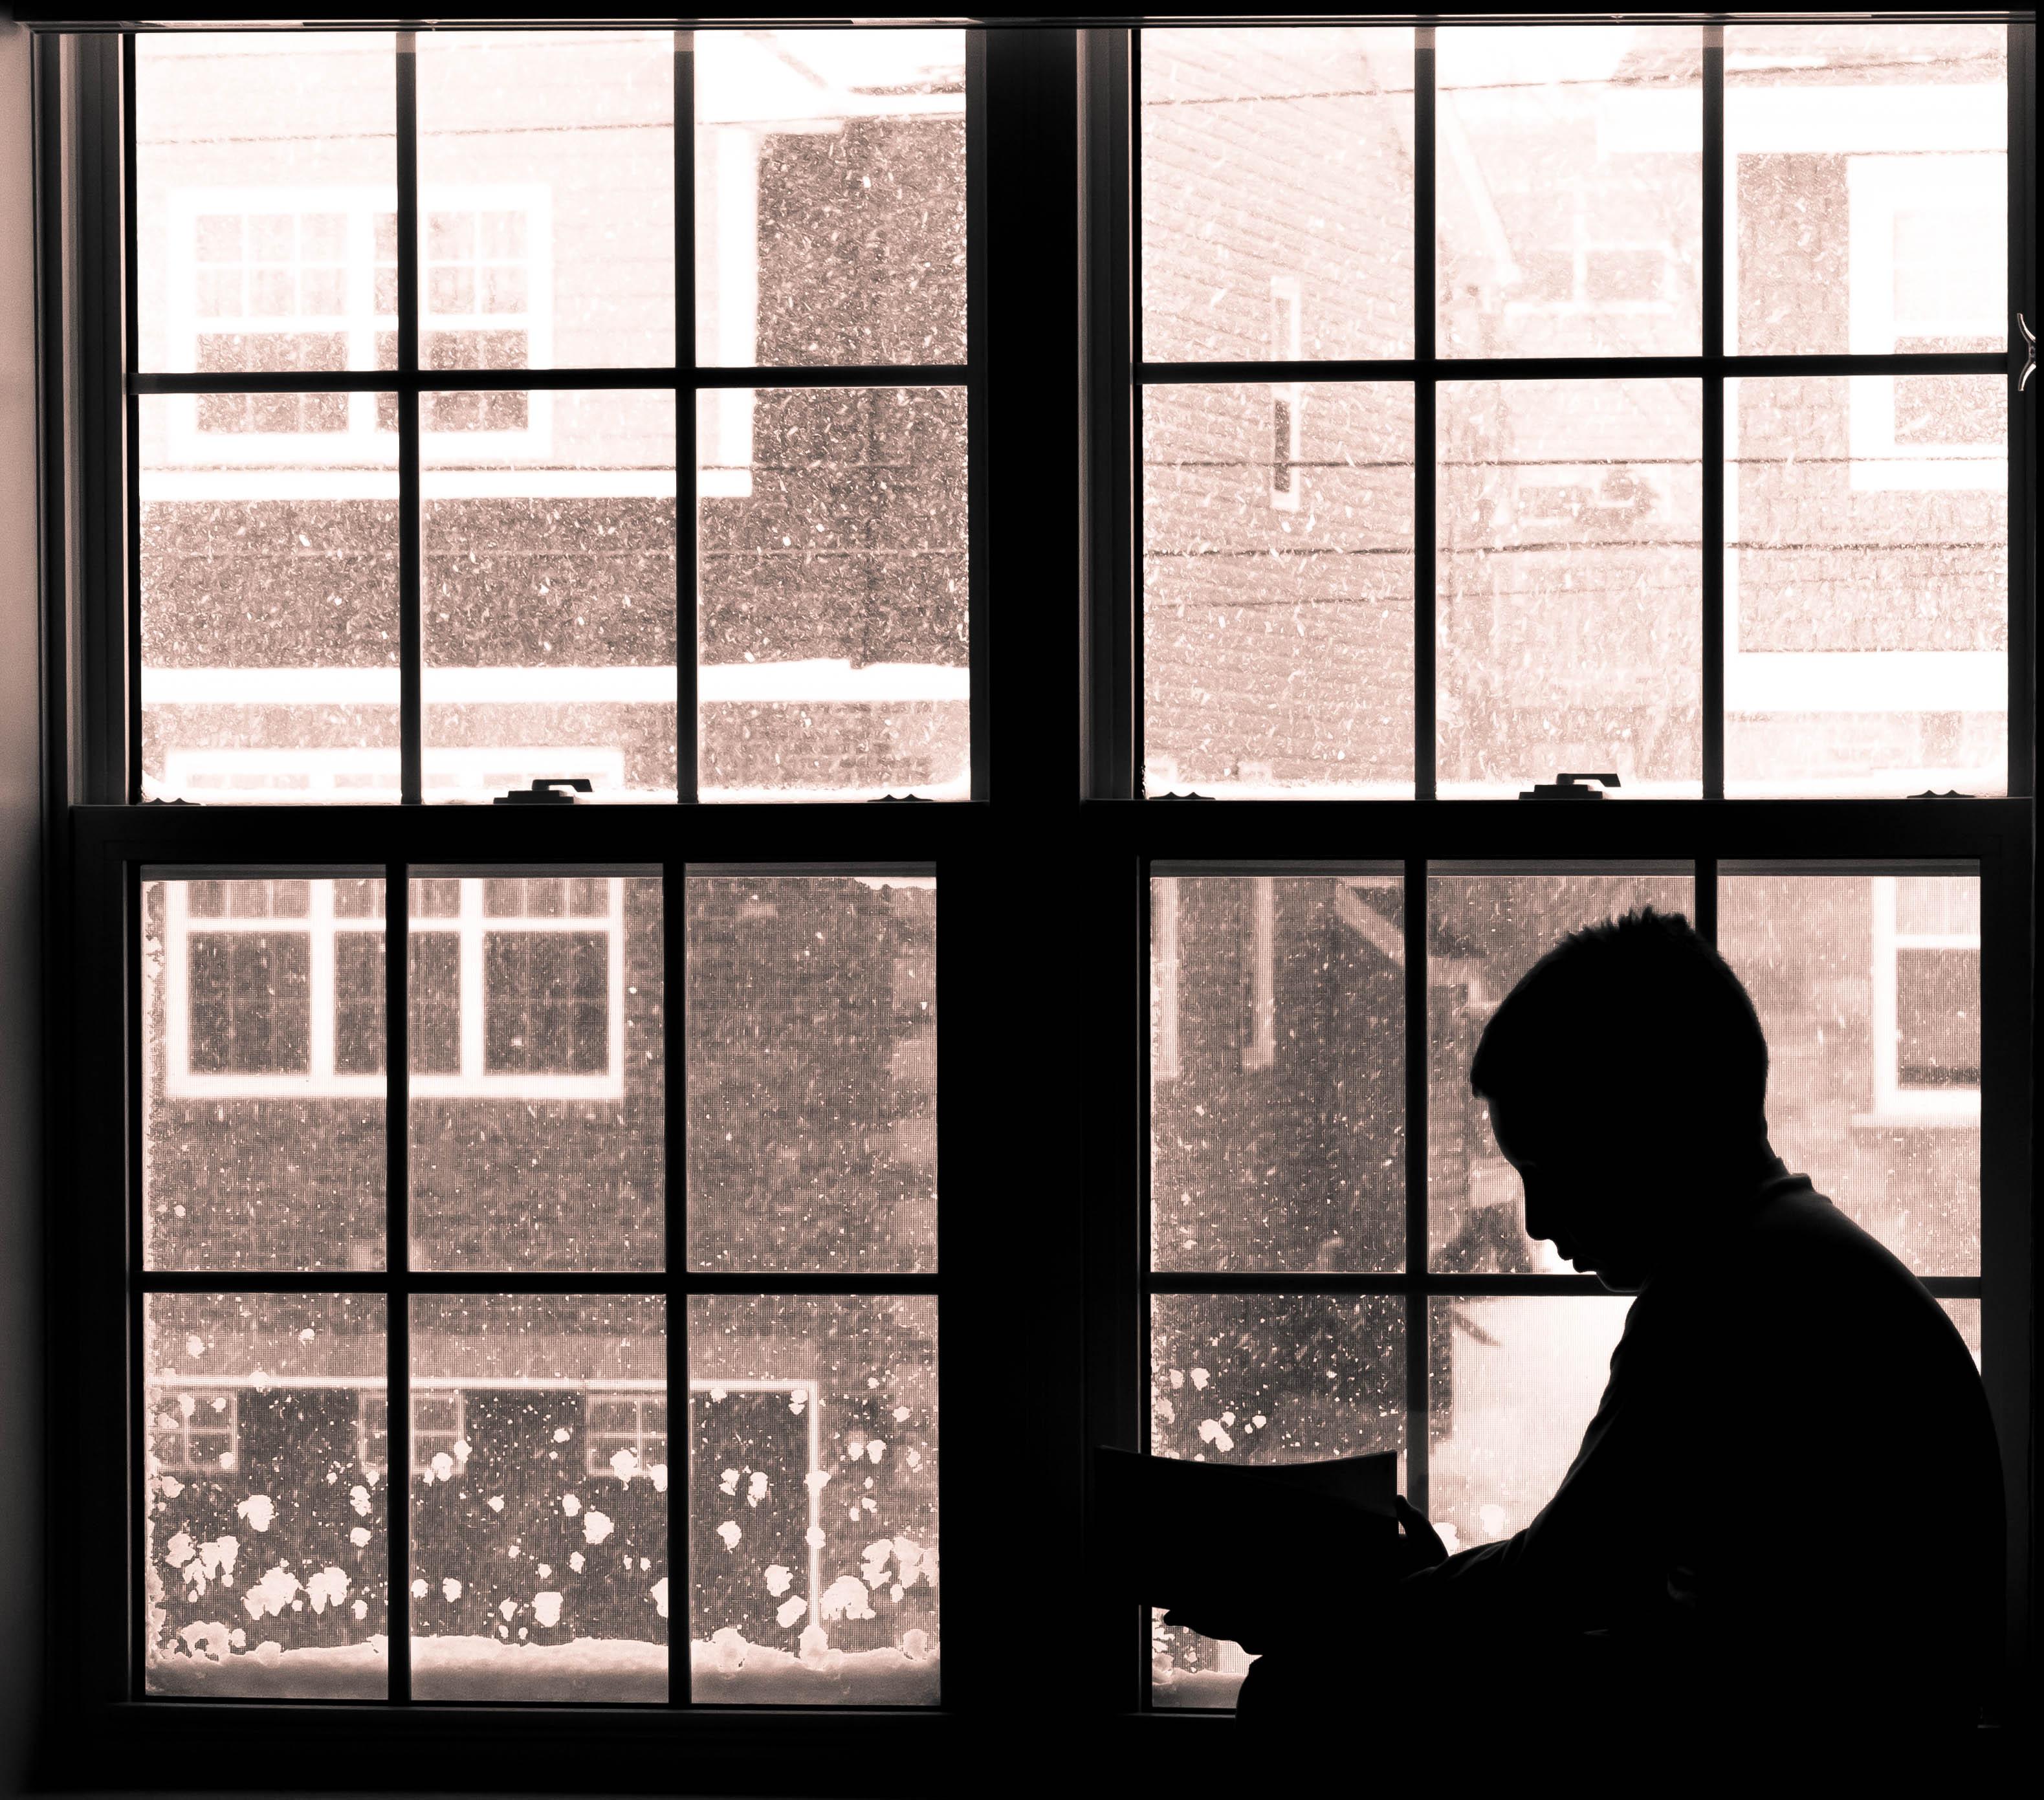 тюльпановидные как сфотографировать силуэт напротив окна молодости